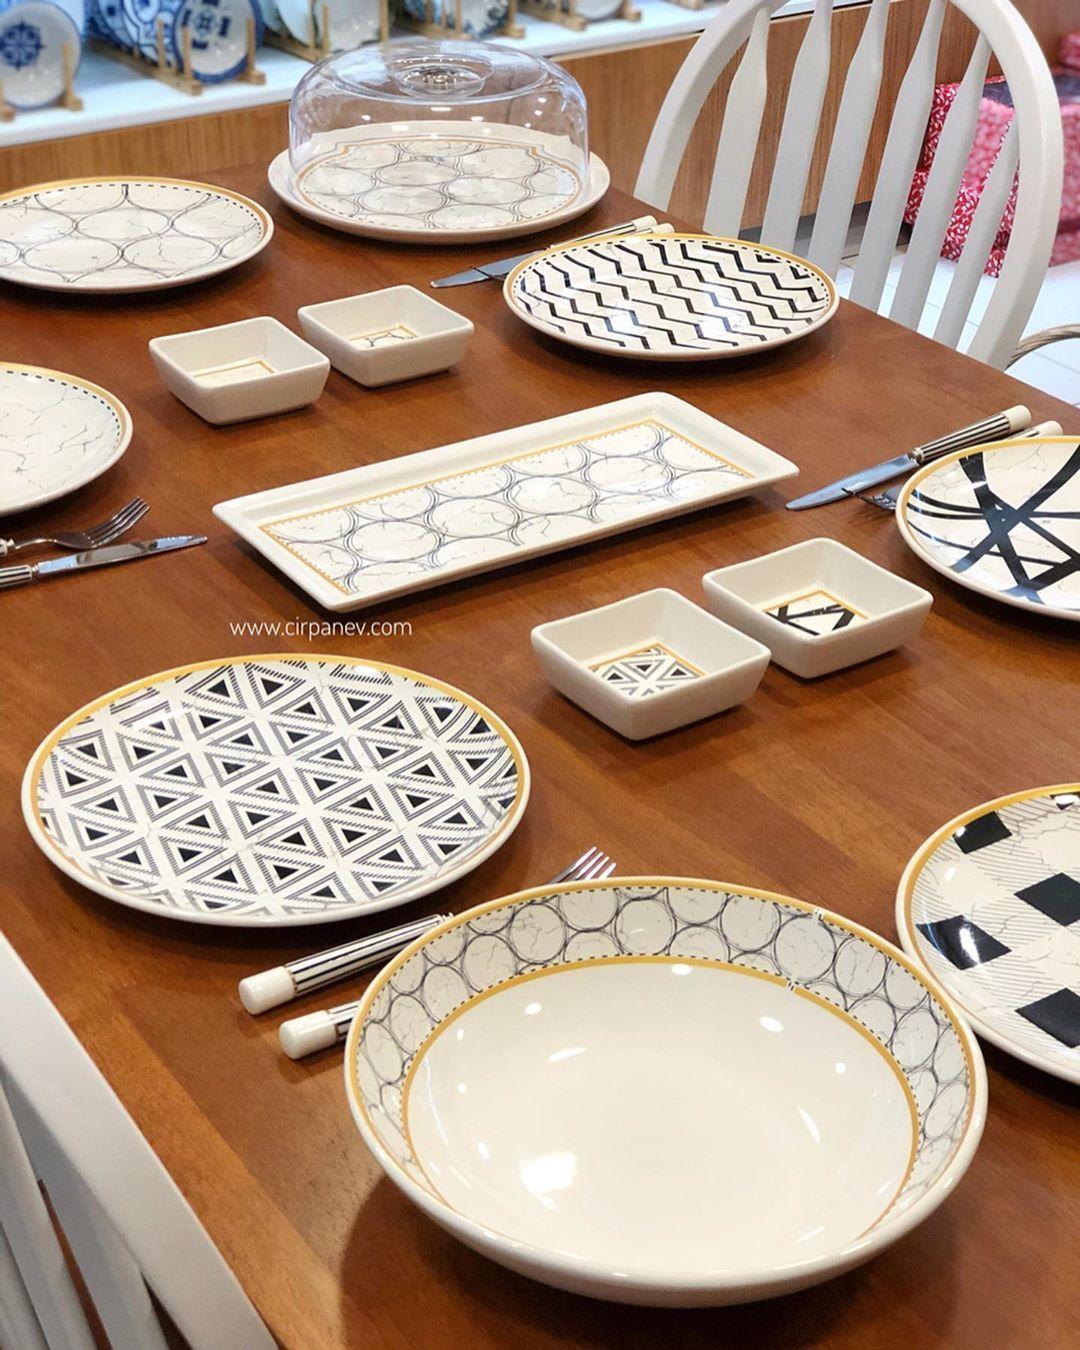 Cirpan Ev On Instagram Yeni Pm Leonardo Urunlerimizden Feza Serisi Ile Hazirladigimiz 15 Parca 6 Kisilik Servis Seti In 2020 Dinner Plate Sets Plates Dinner Plates